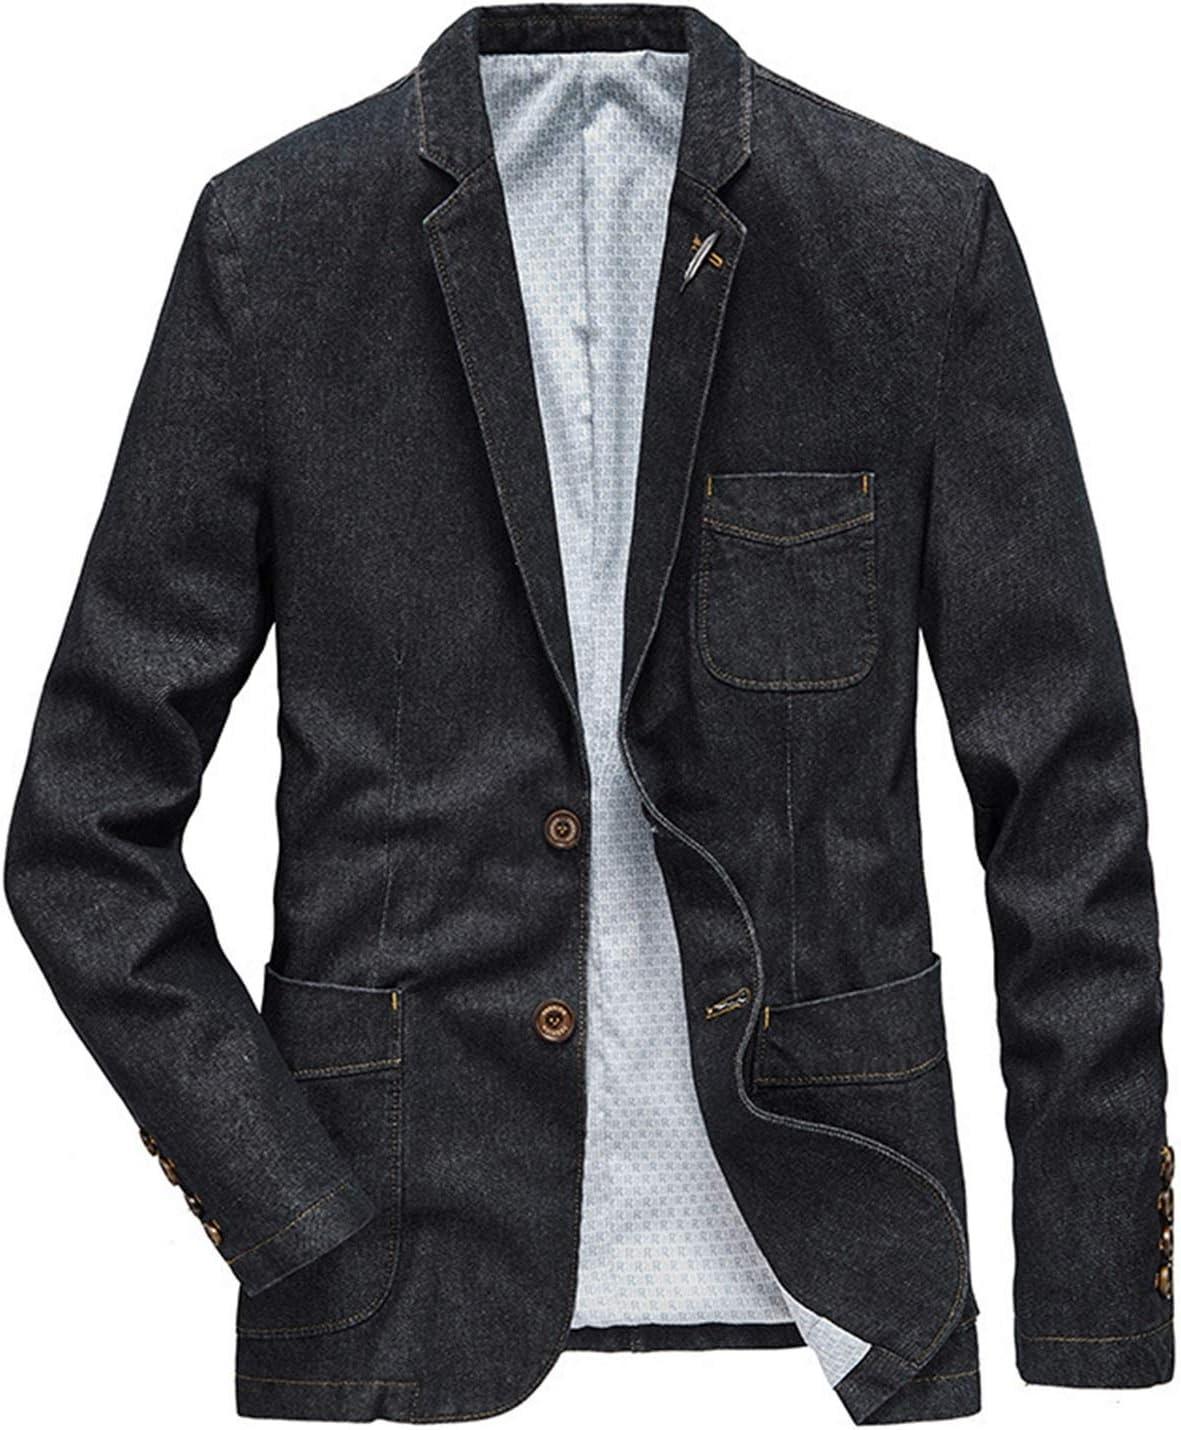 Jacket Denim Jacket Men Suits Collar Business Coat Male Spring Autumn Suit Blazer Men's Jean Jackets (Color : Black, Size : XL)